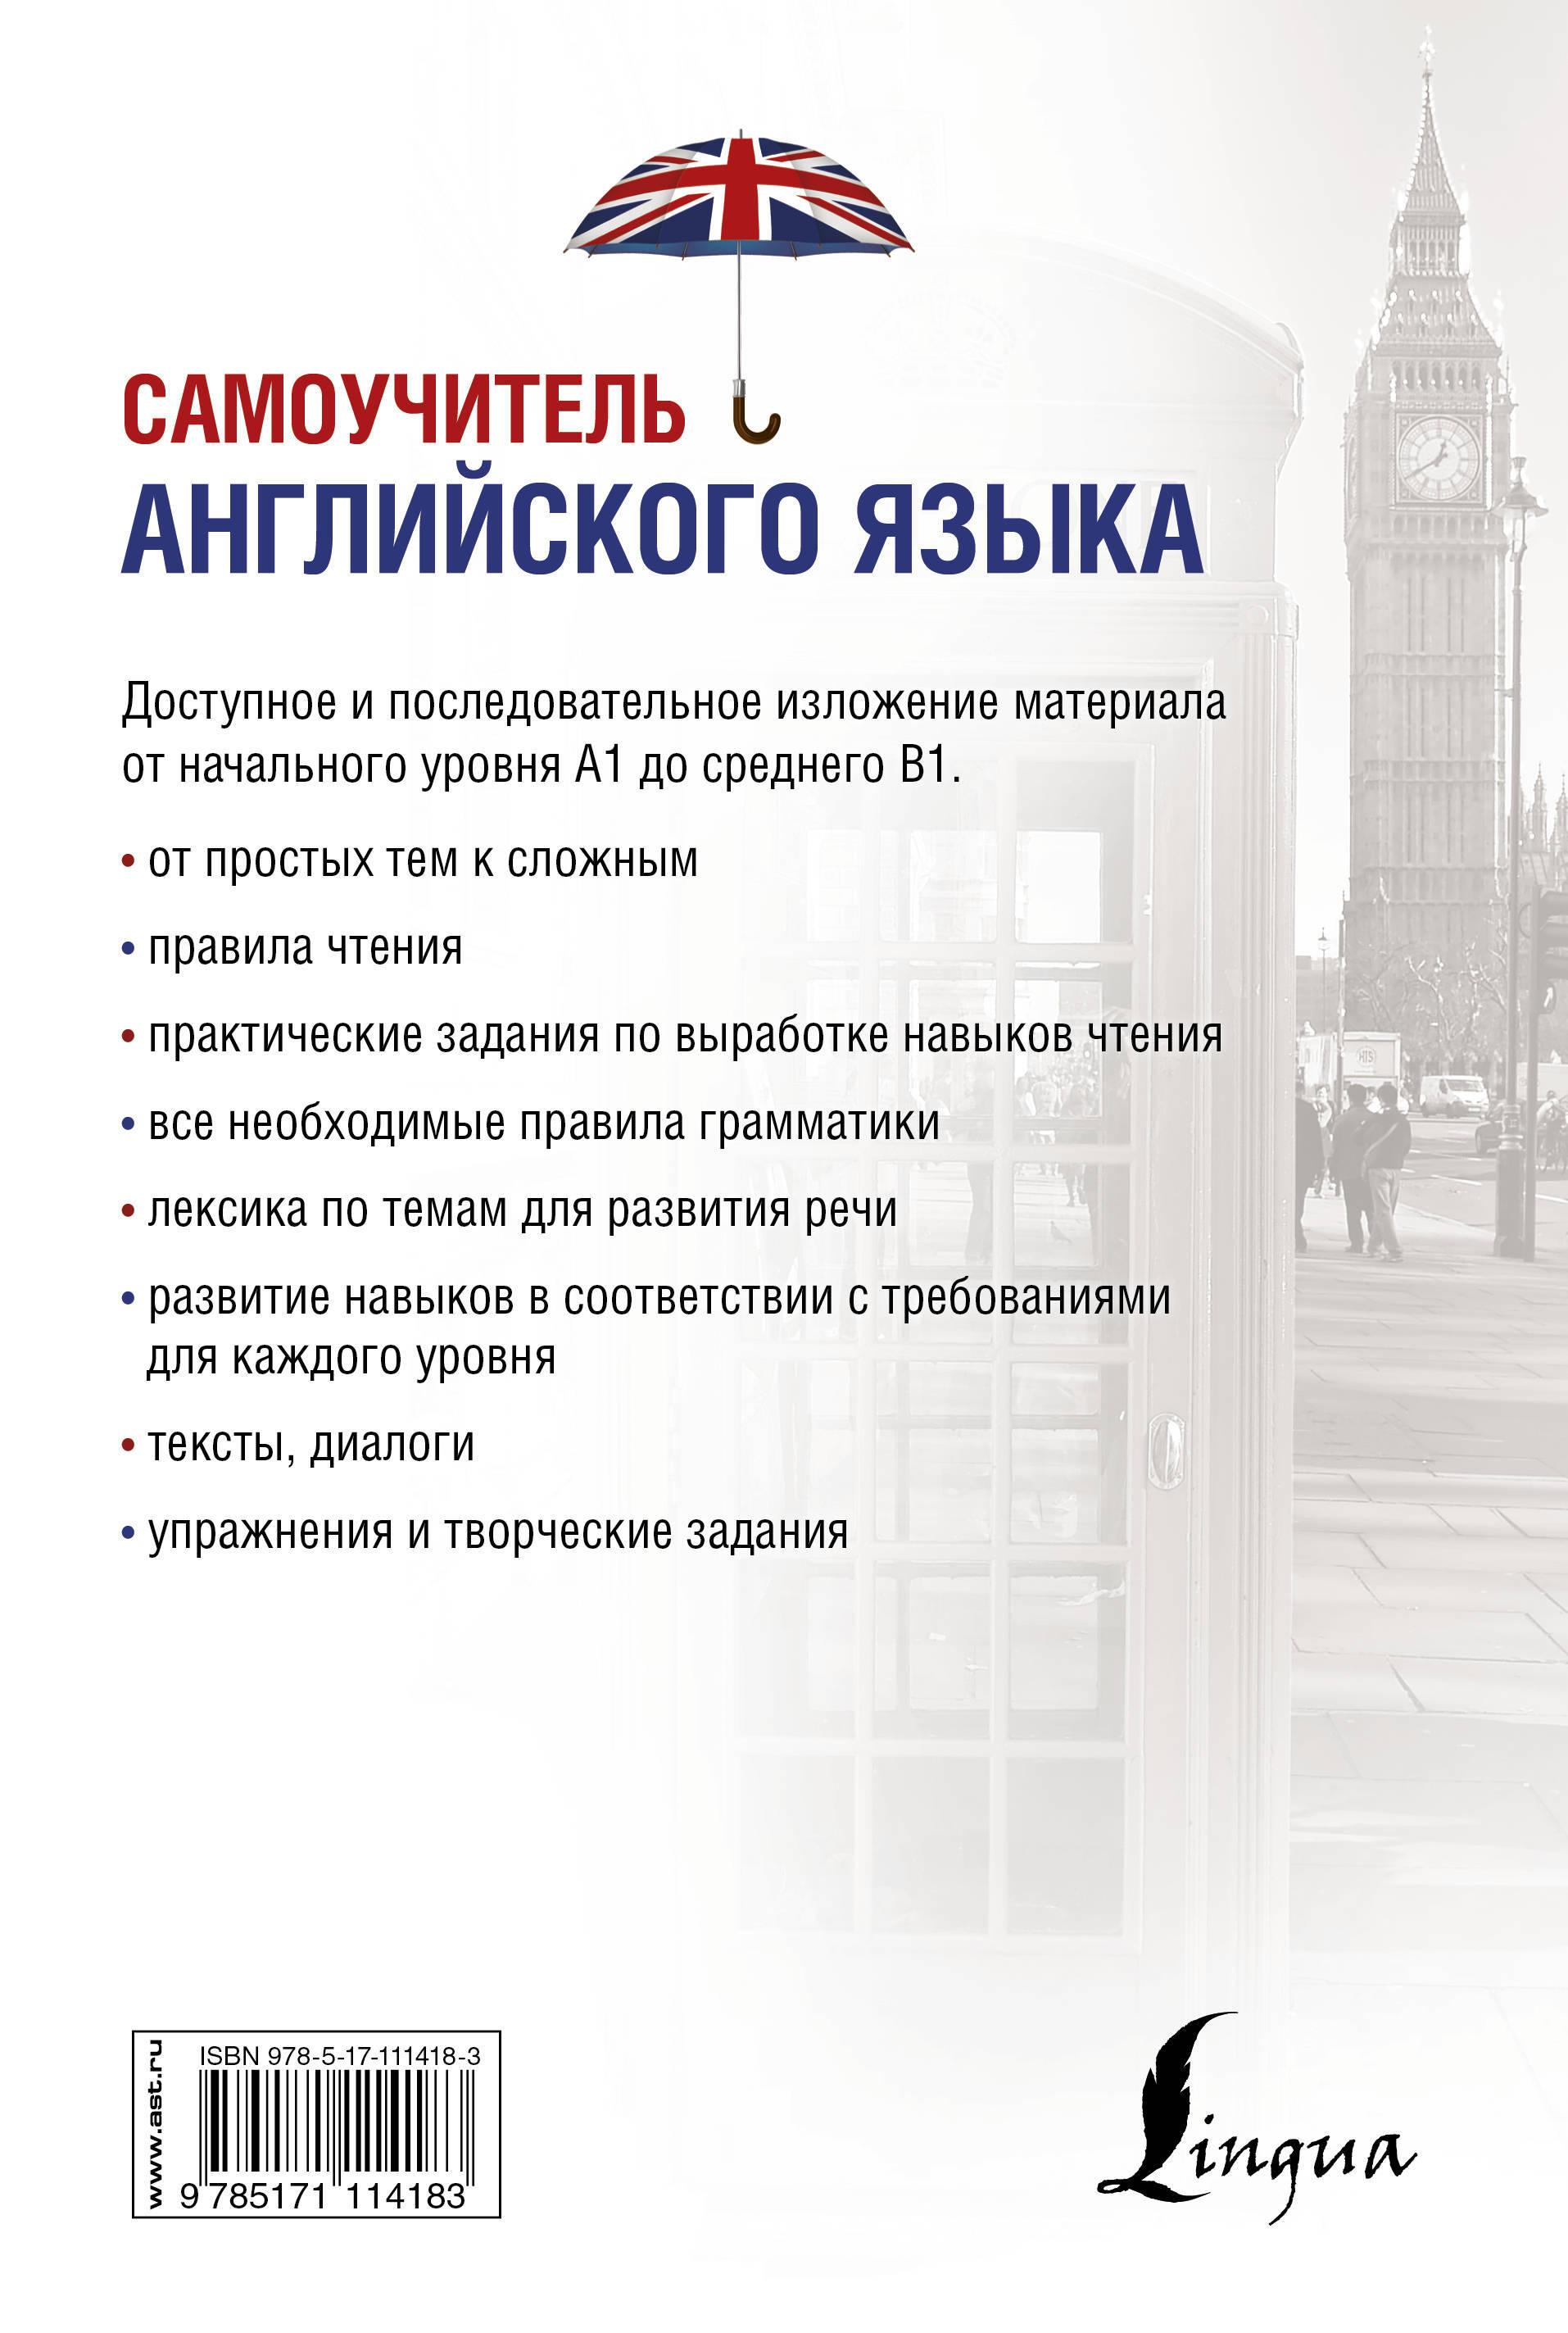 Самоучитель английского языка | Матвеев Сергей Александрович 3